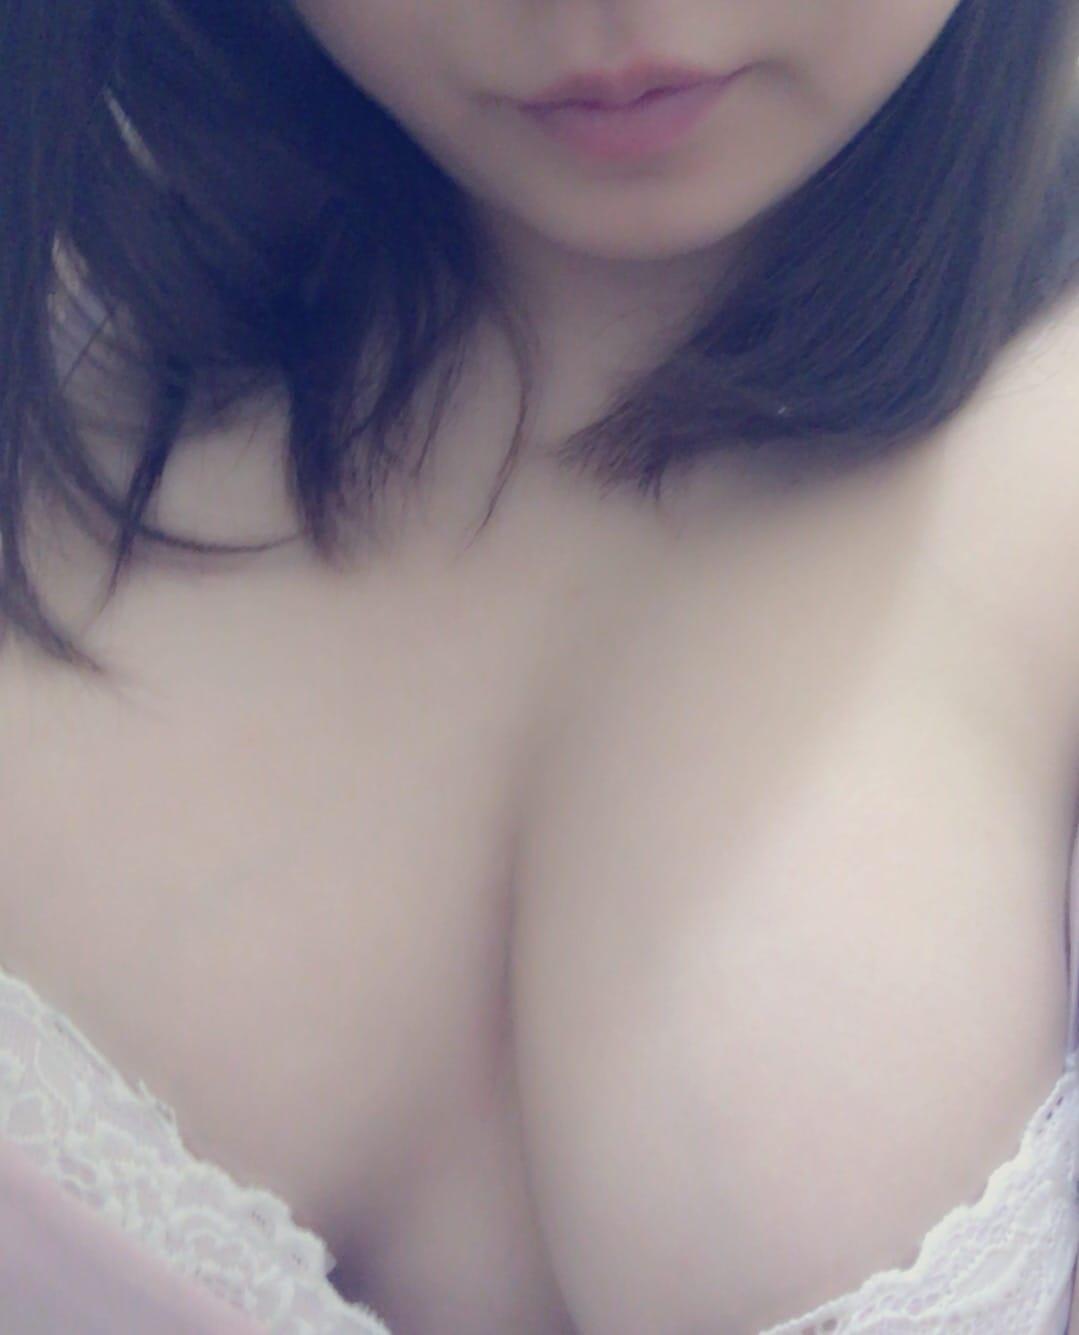 「こんにちわ〜!!」06/02(金) 16:22 | くるみの写メ・風俗動画